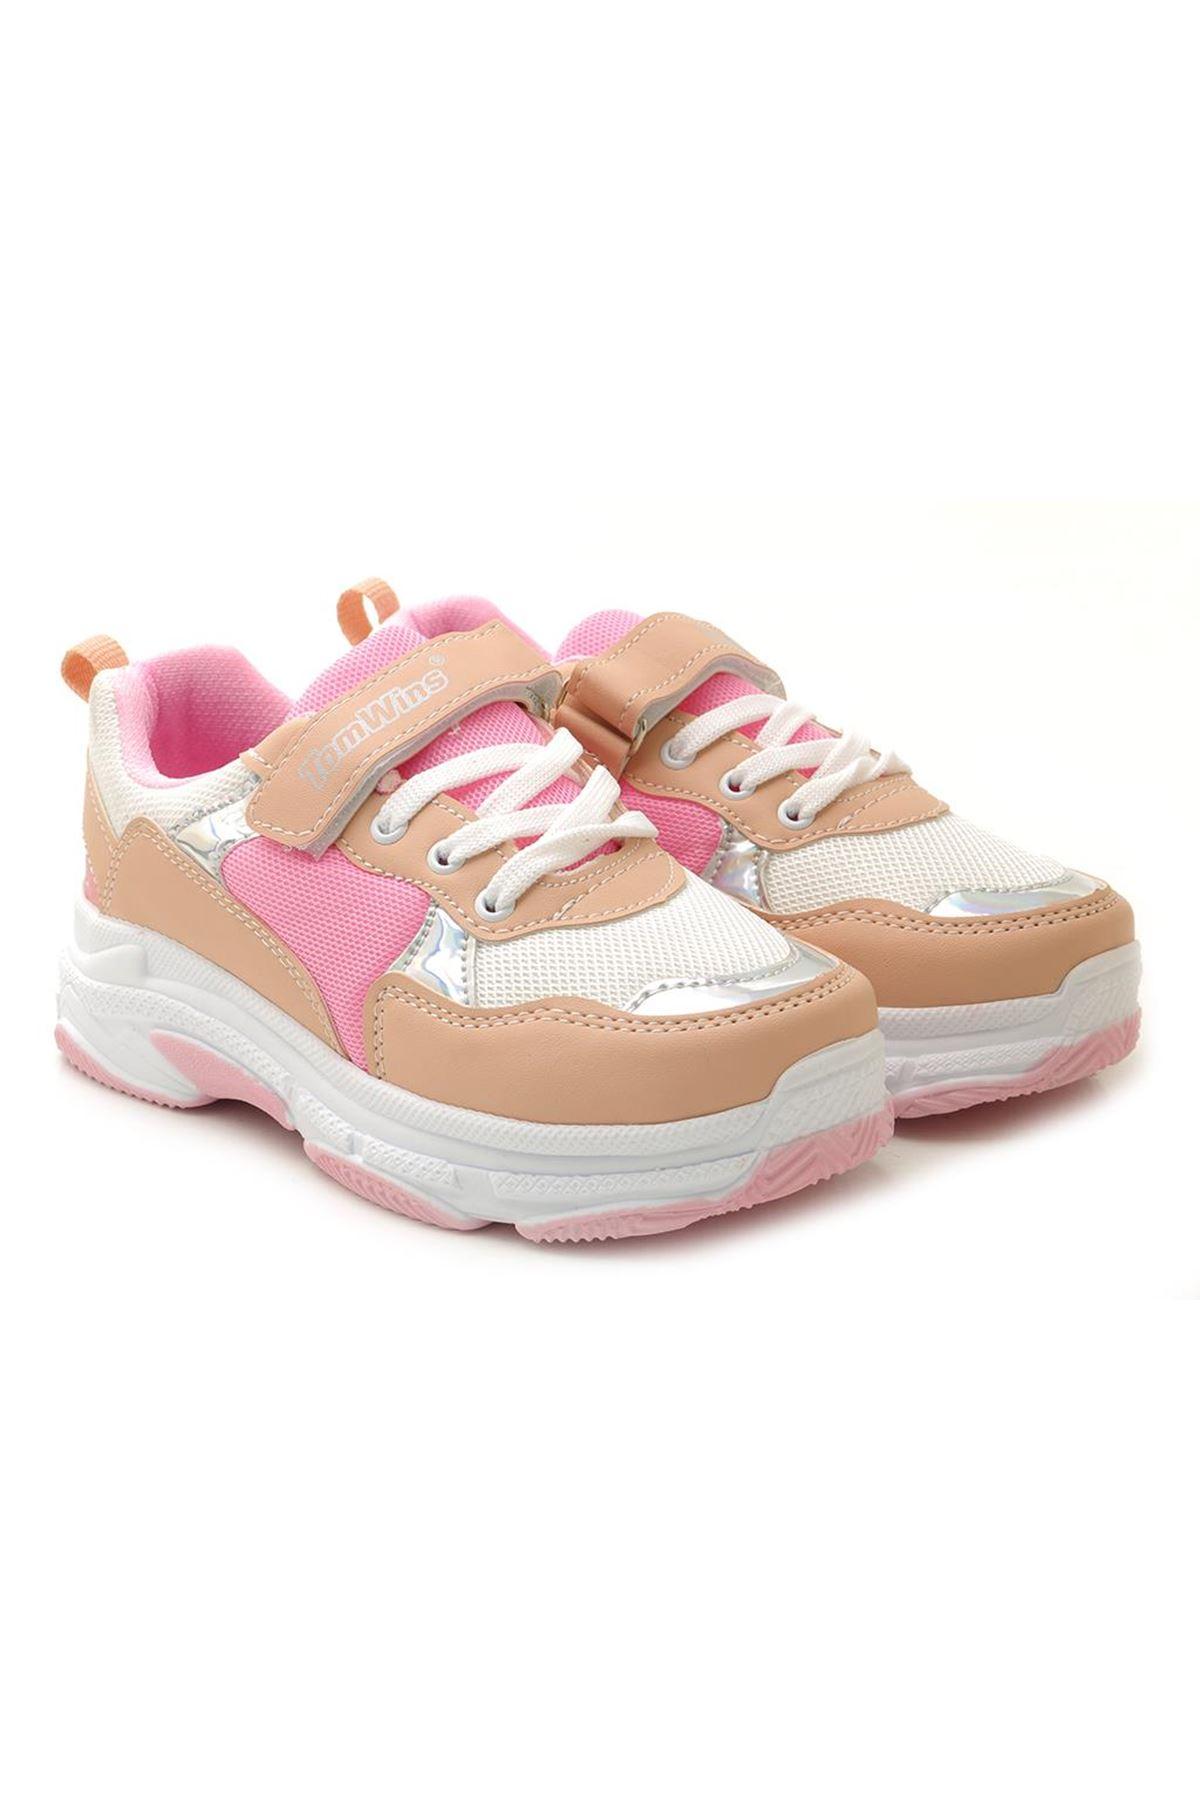 Kids World 012 Yüksek Taban Unisex Çocuk Spor Ayakkabı